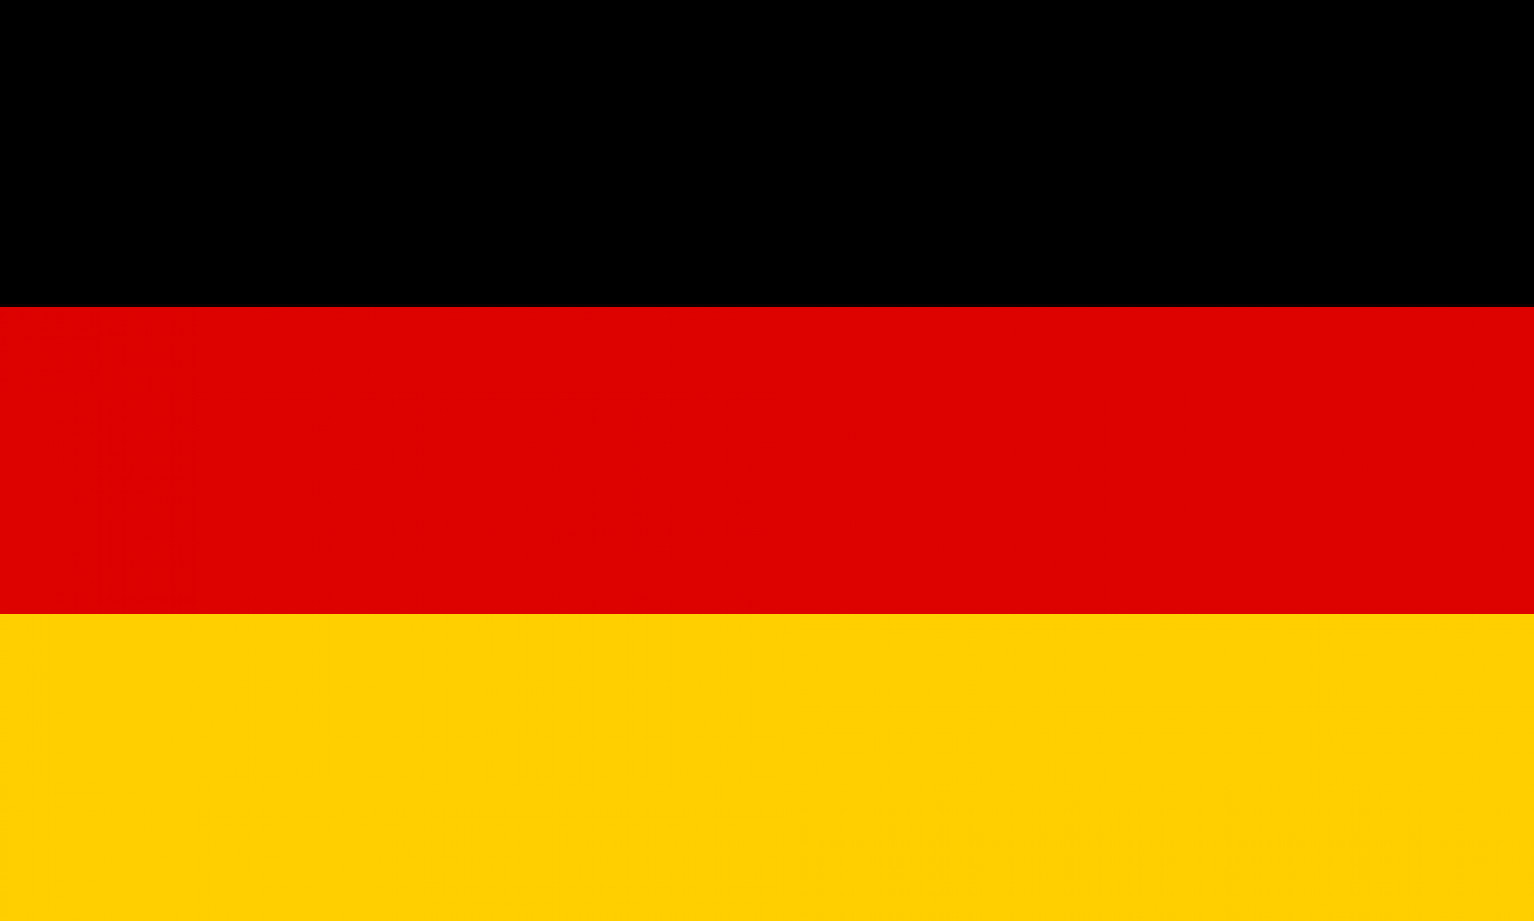 German Peer-to-Peer lending platforms